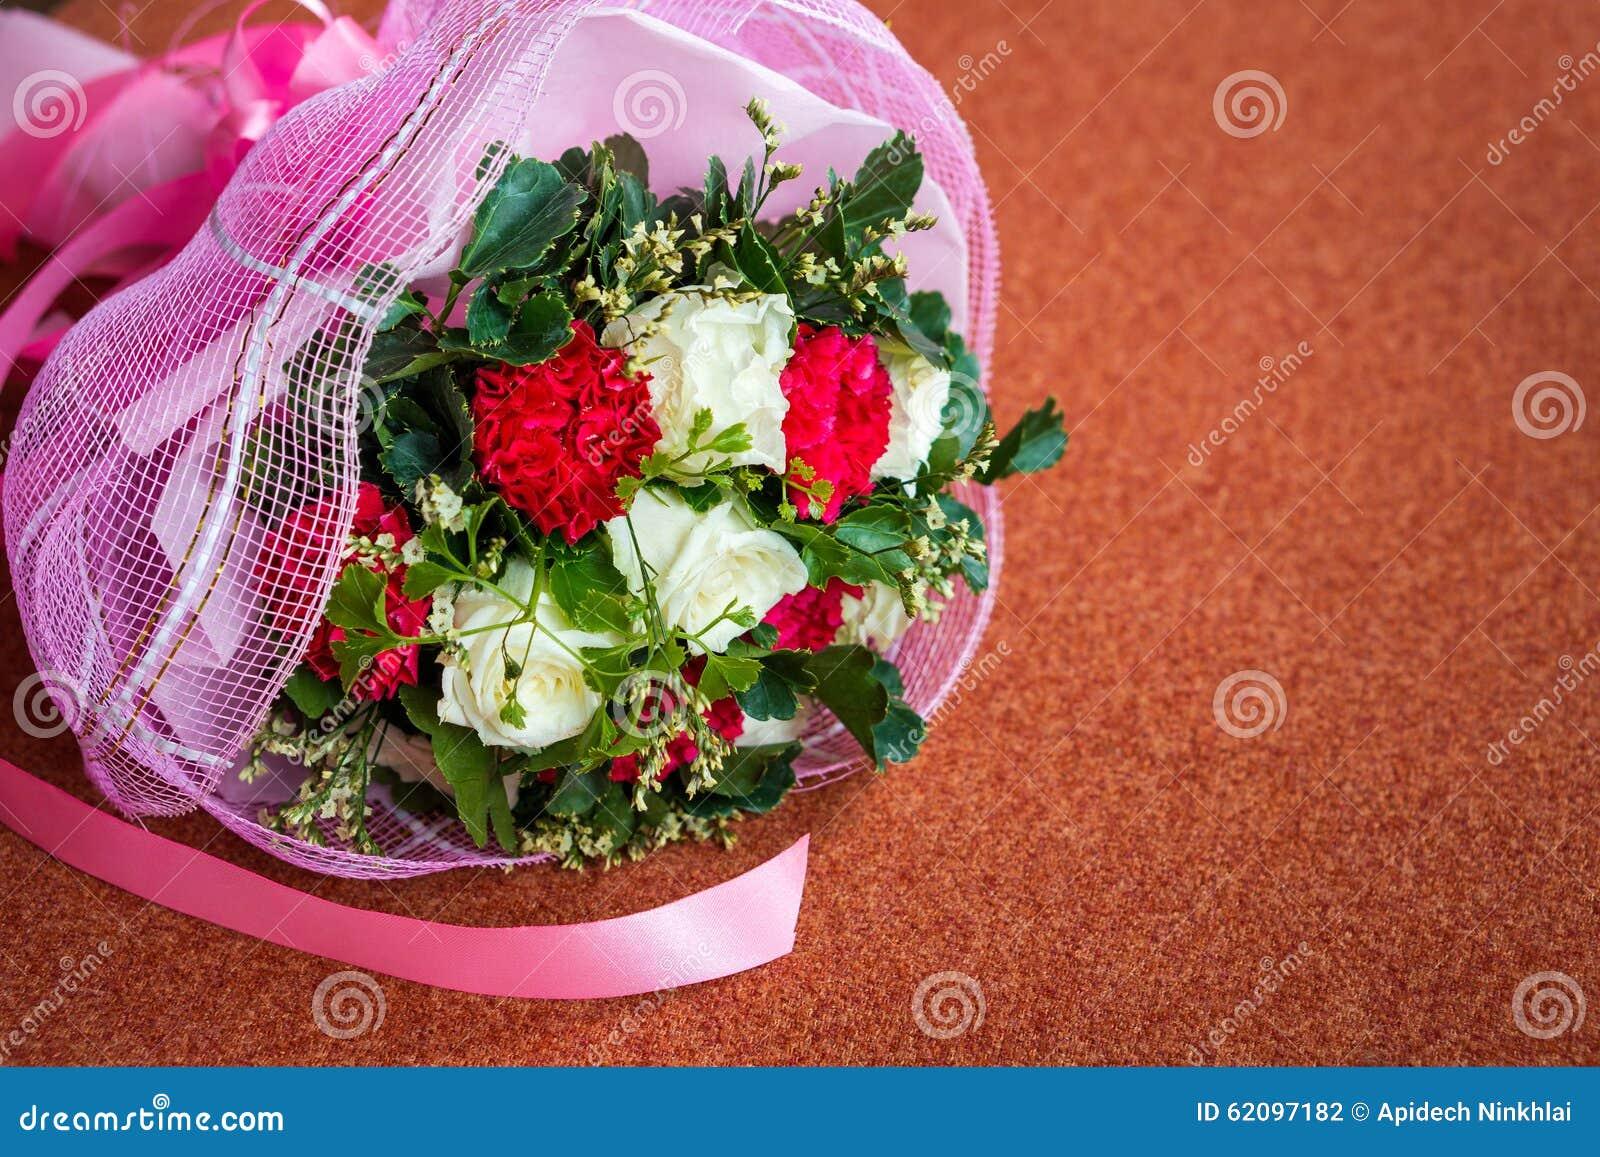 Mazzo del fiore di nozze sul cuscino fotografia stock for Progetti di costruzione del mazzo